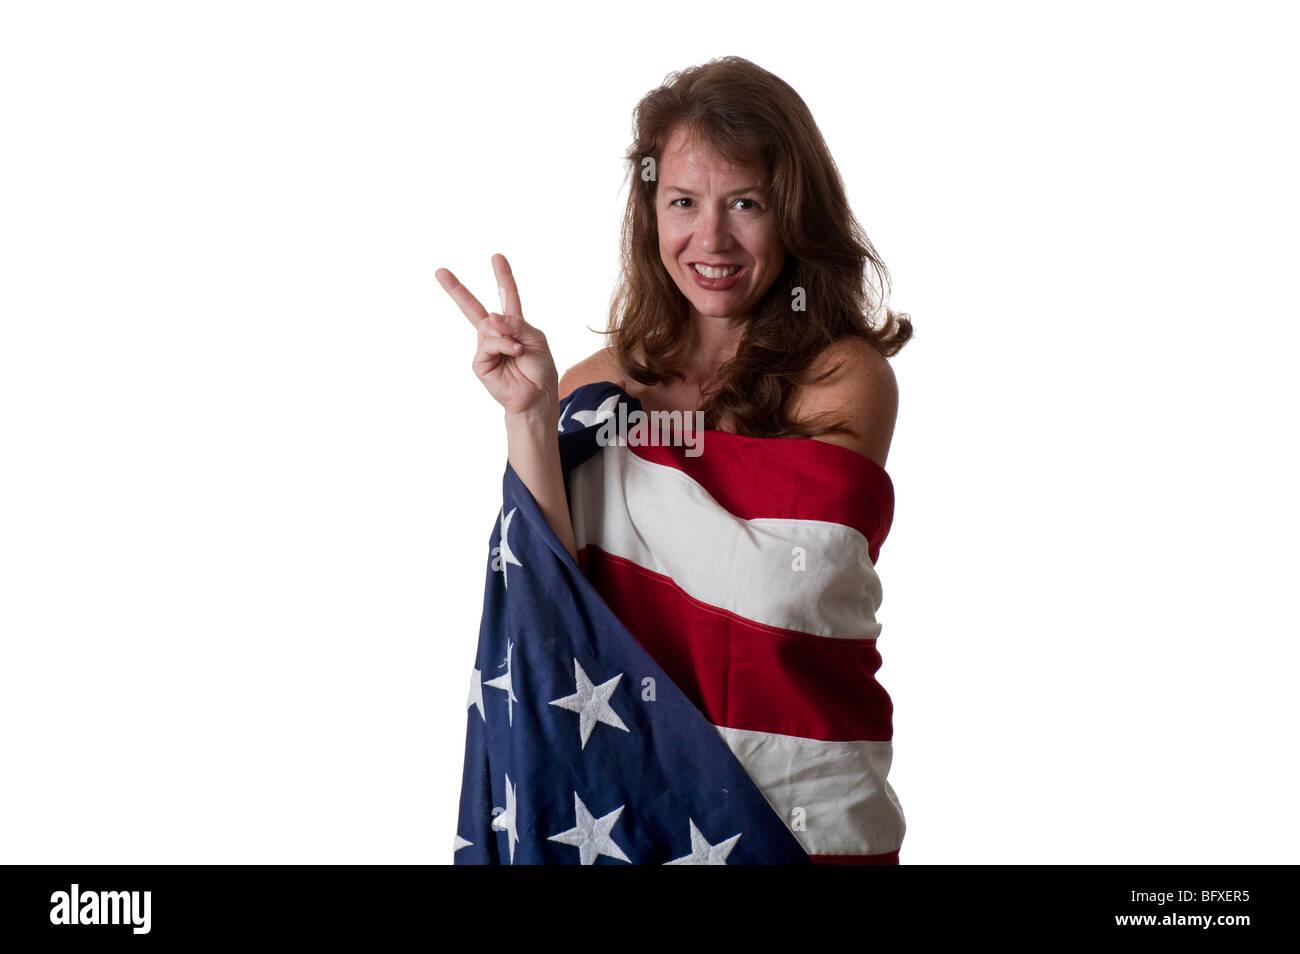 attraktive junge Frau eingewickelt in amerikanische Flagge zeigen, Peace-Zeichen Stockbild